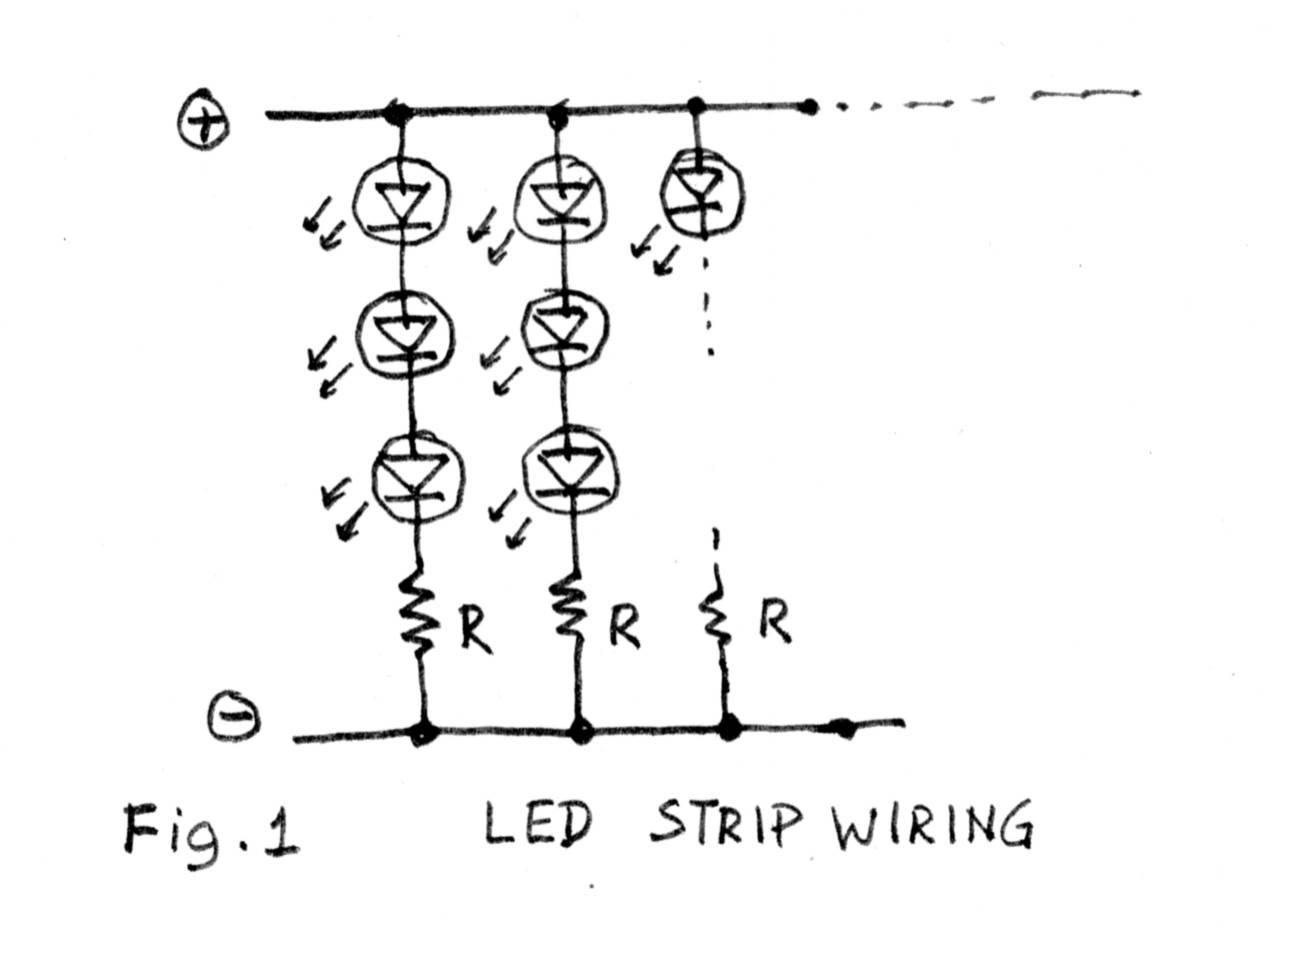 wiring led resistors in parallel